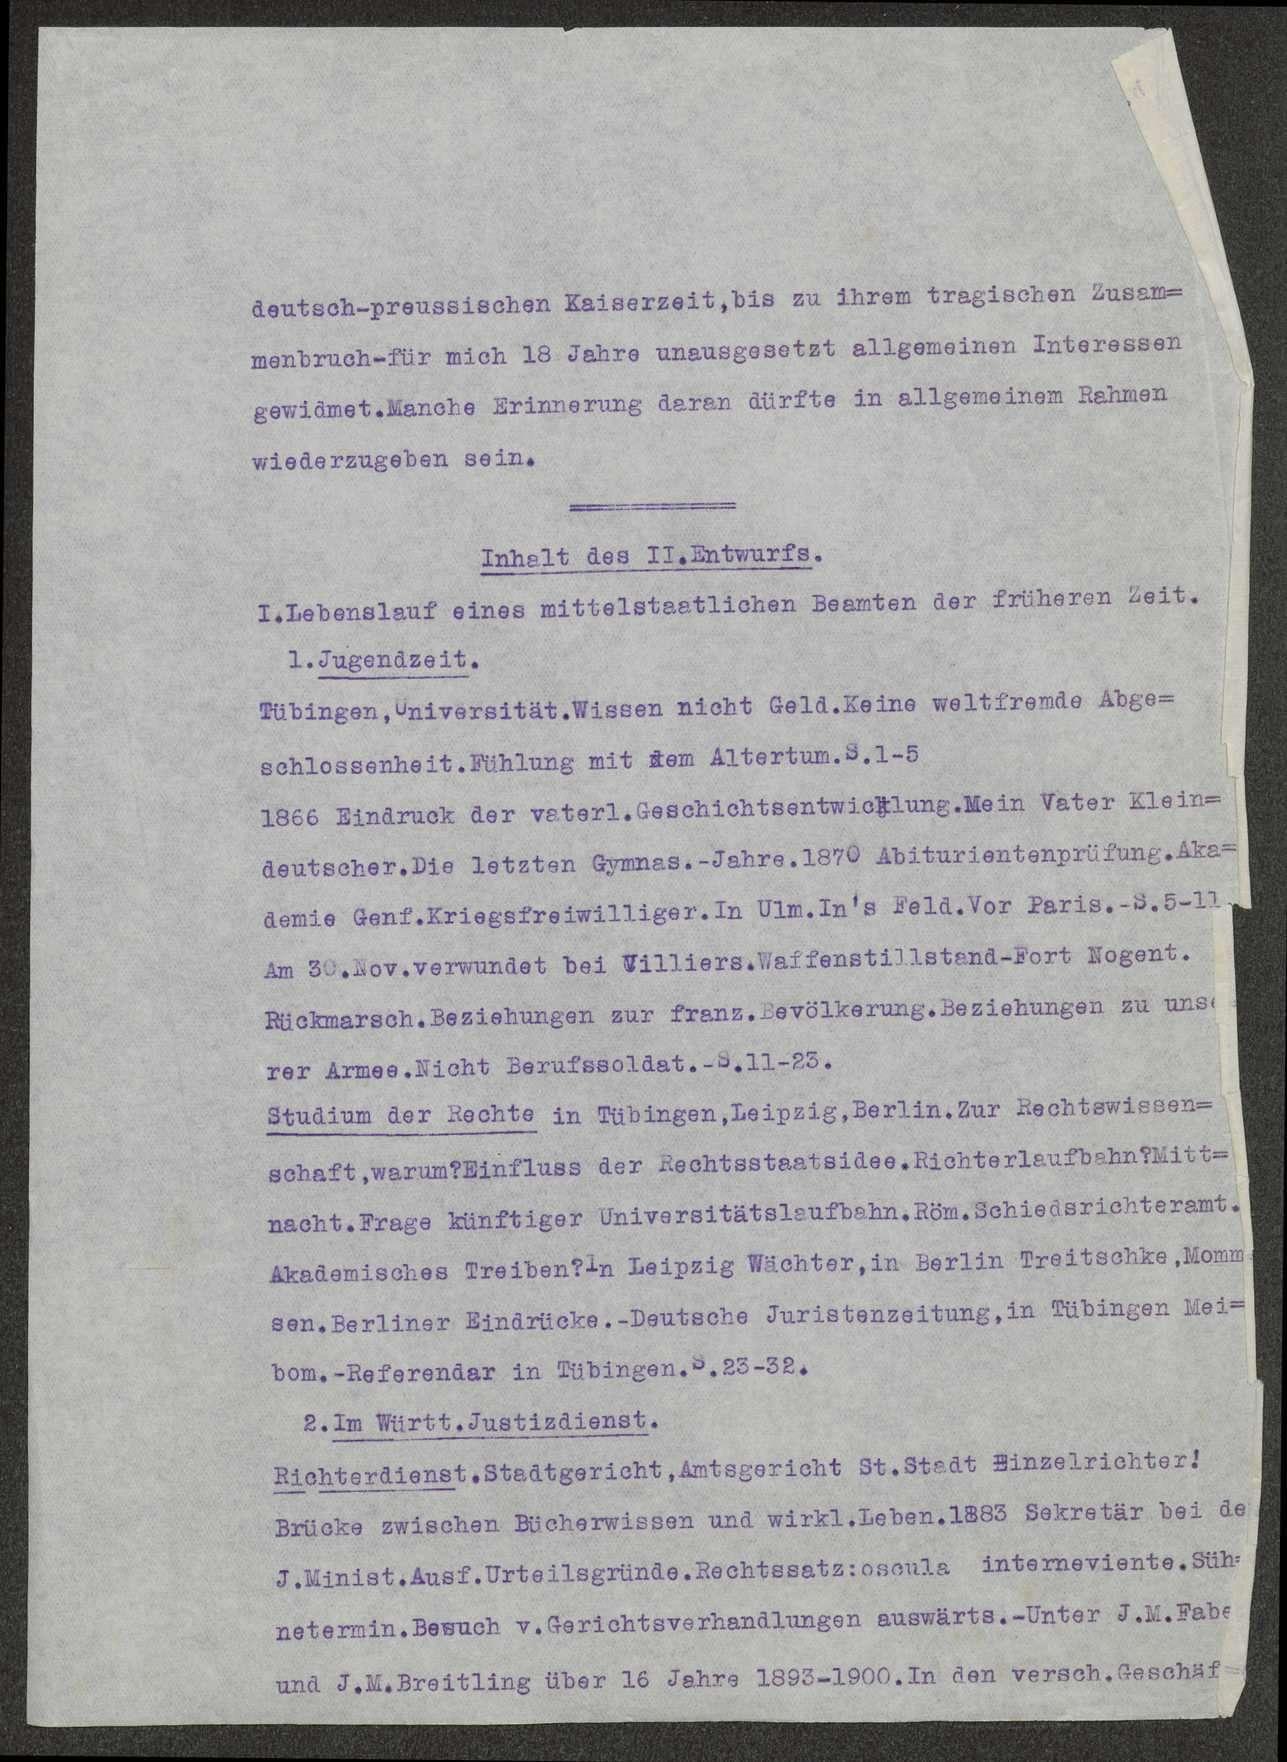 Lebenserinnerungen von Weizsäcker. Maschinenschriftliche Abschrift von Gustel Meibom. Weiterführung von Ernst v. Weizsäcker, 1926, Bild 3